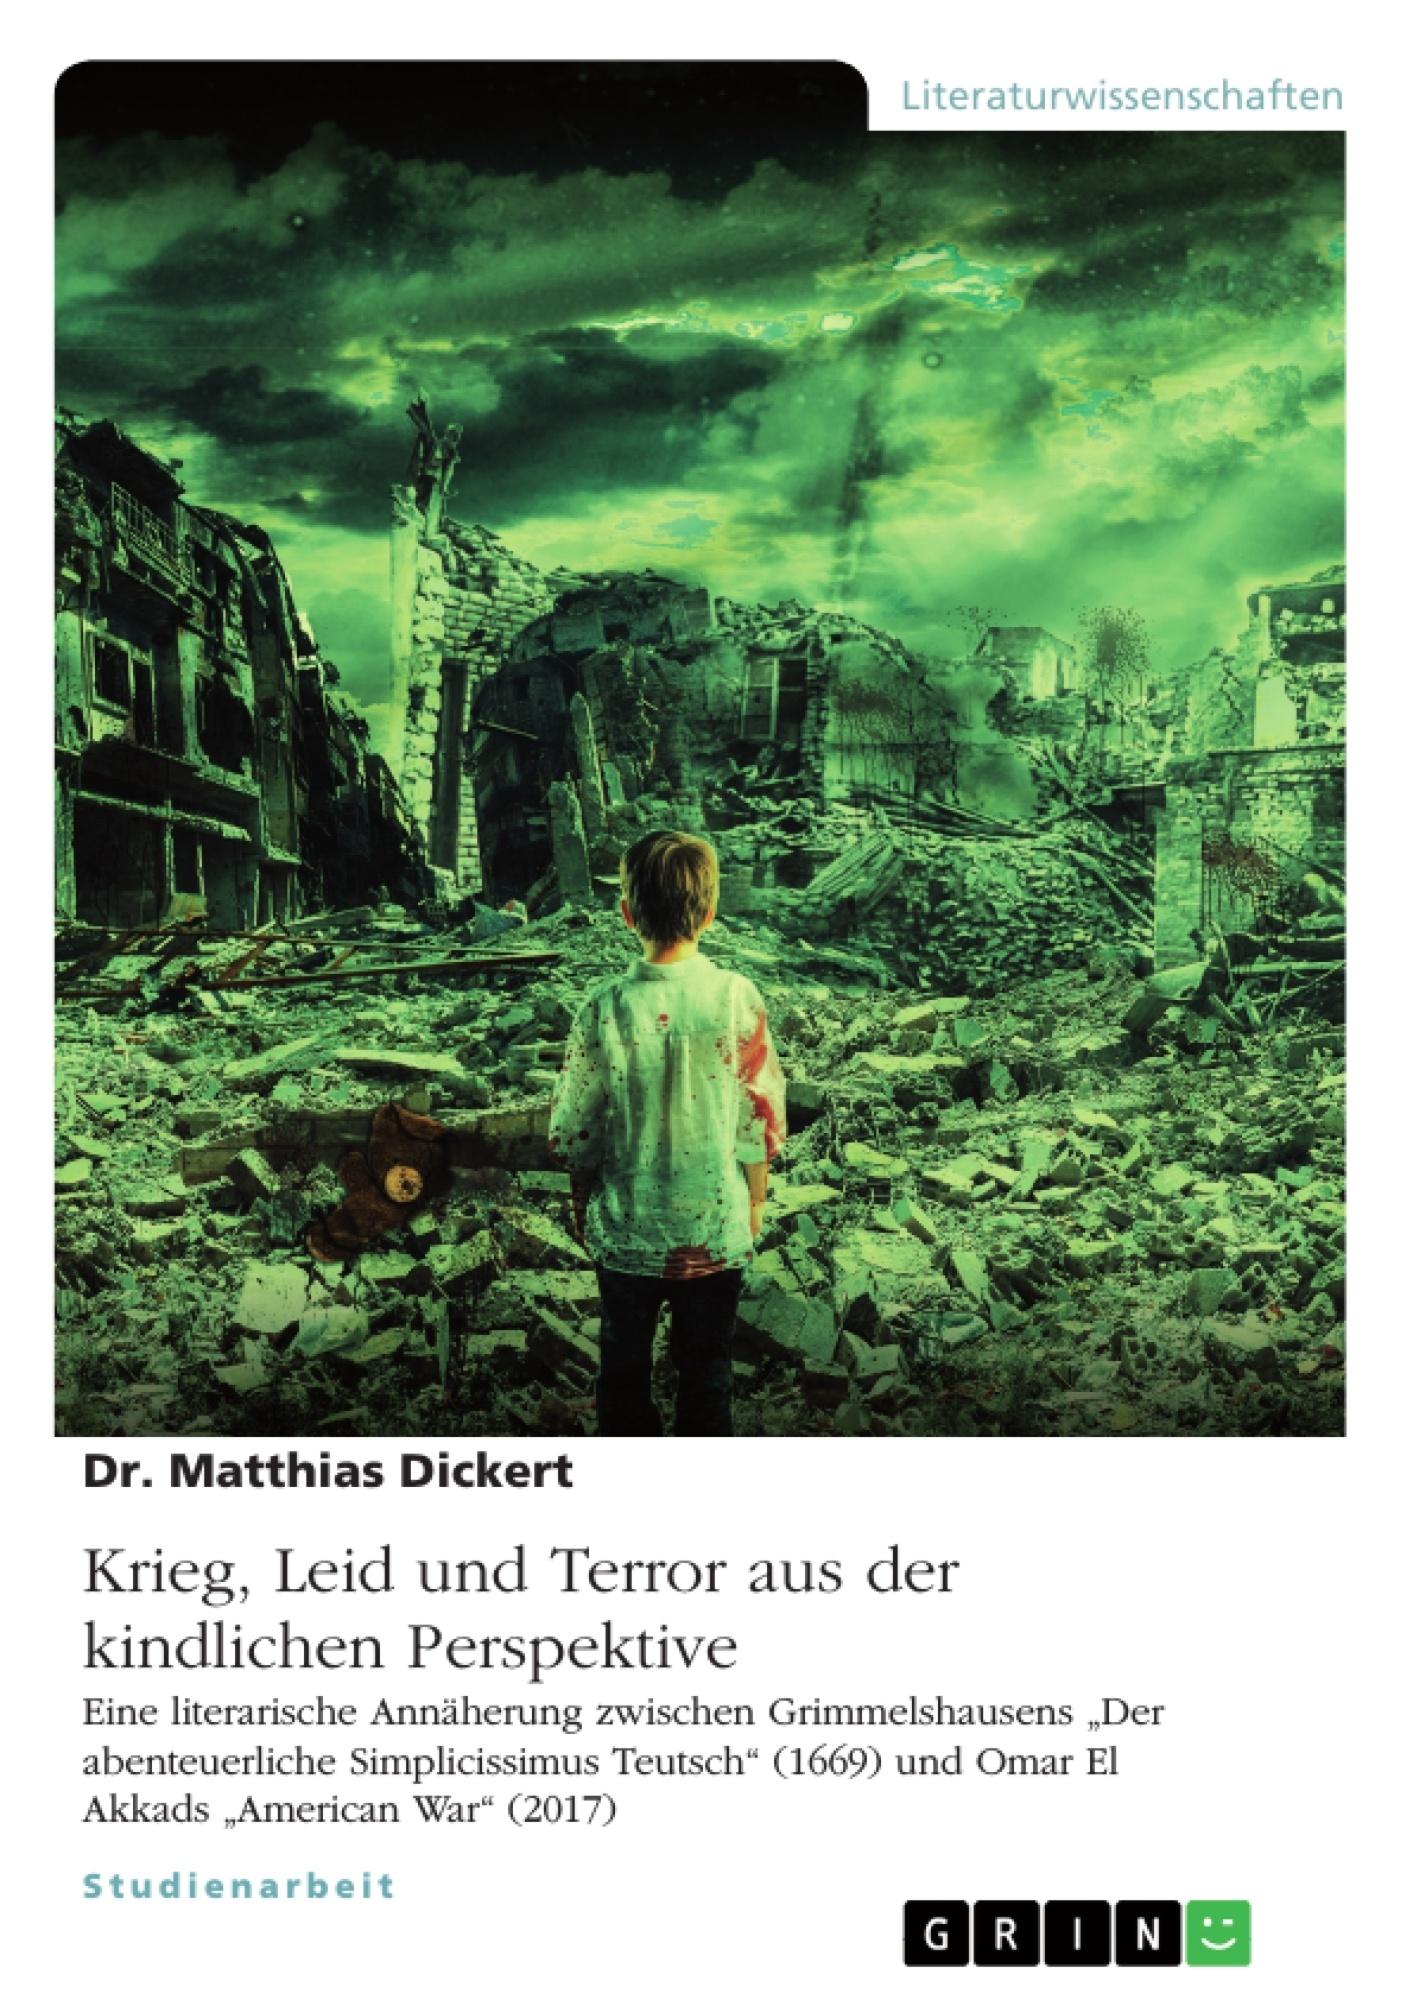 Titel: Krieg, Leid und Terror aus der kindlichen Perspektive